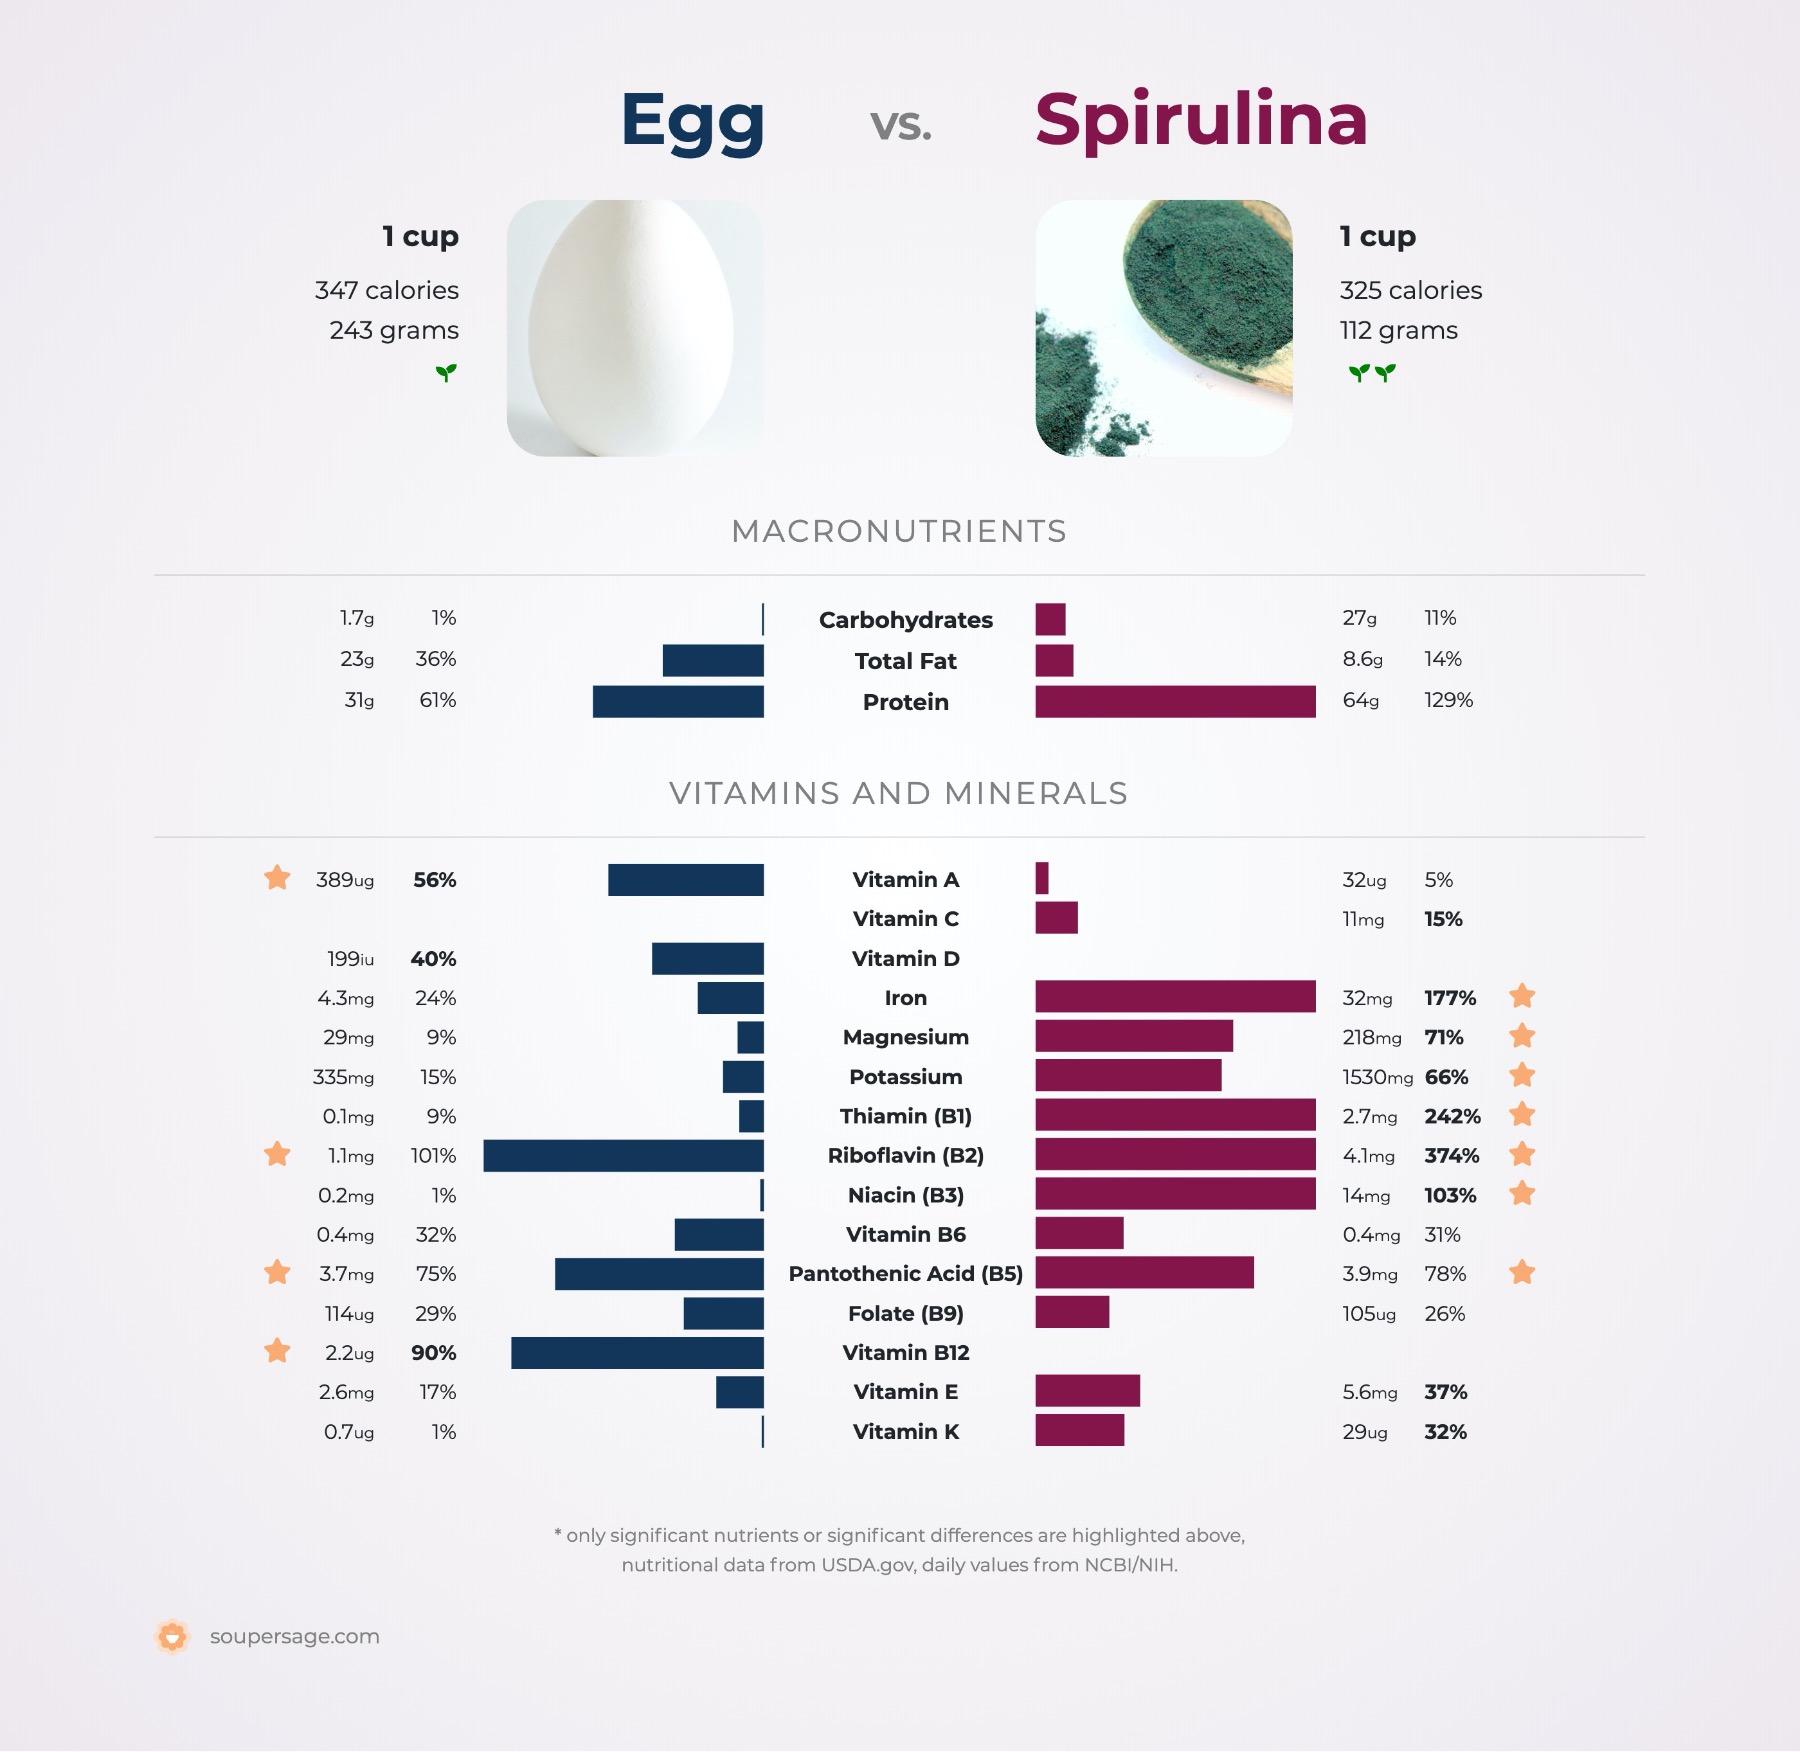 nutrition comparison of egg vs. spirulina